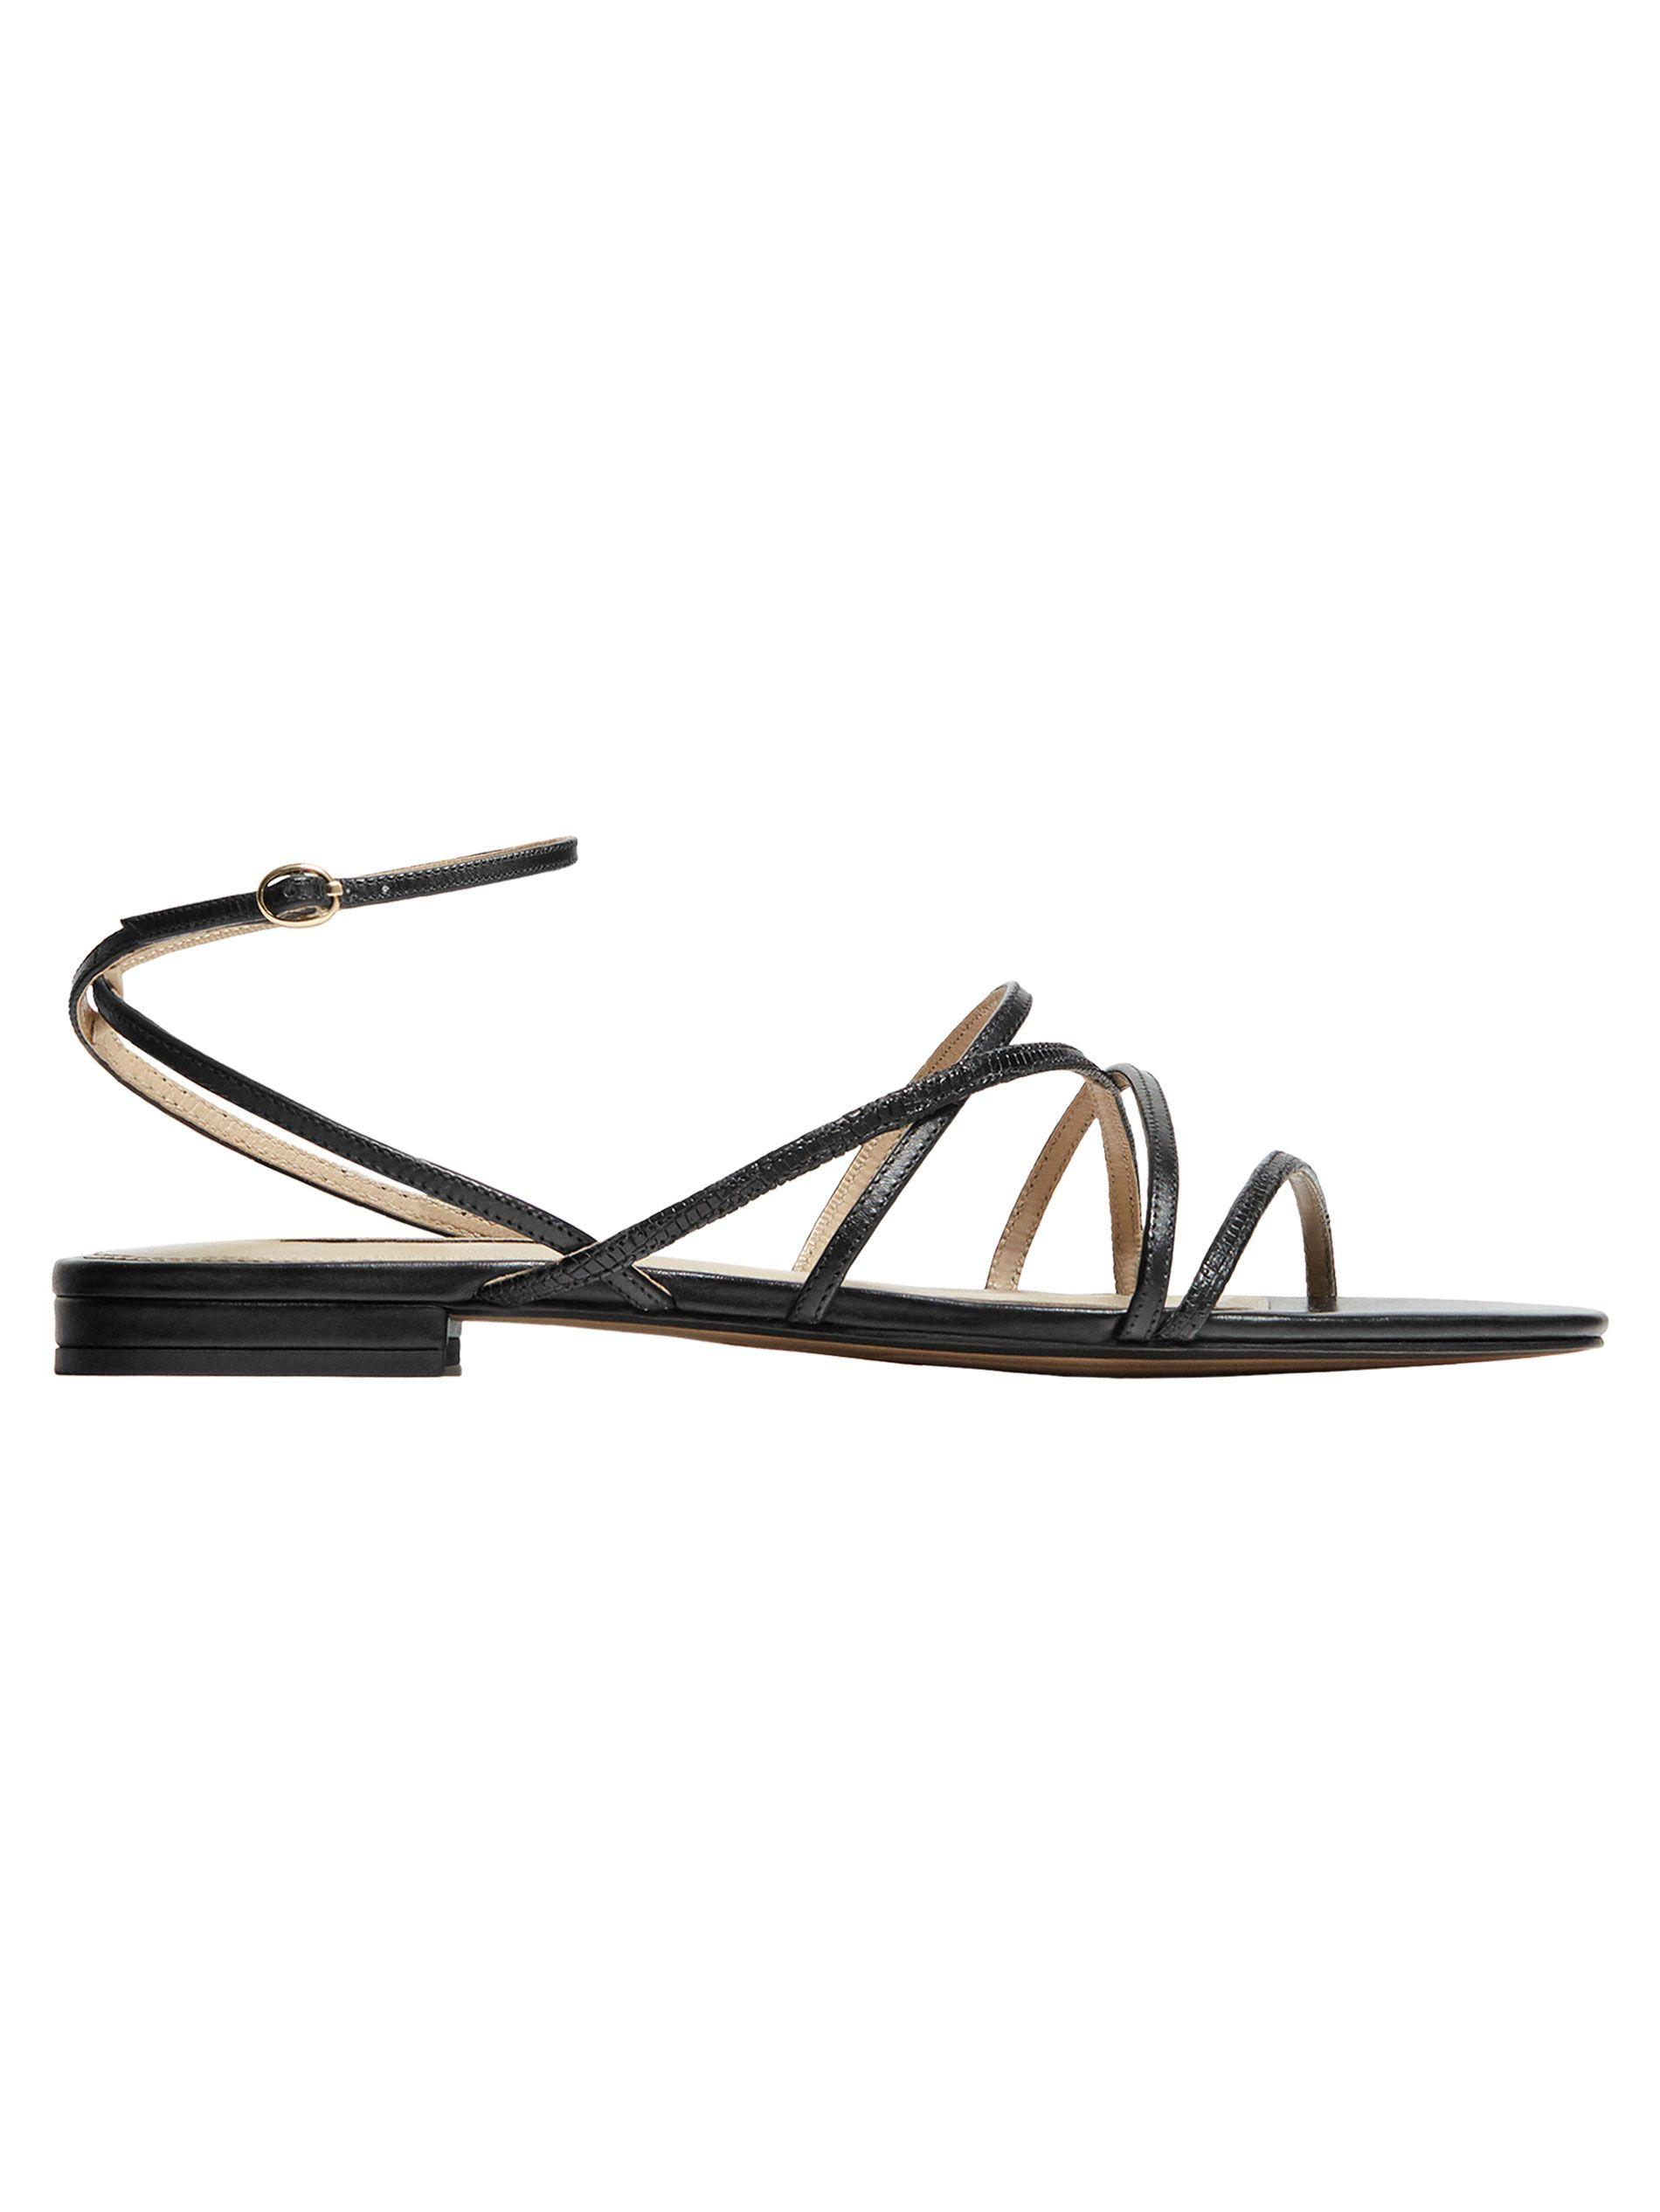 9d7d1be1643 Detalle de cierre al tobillo con pulsera y hebilla metálica. Black strappy  sandals with leather ...